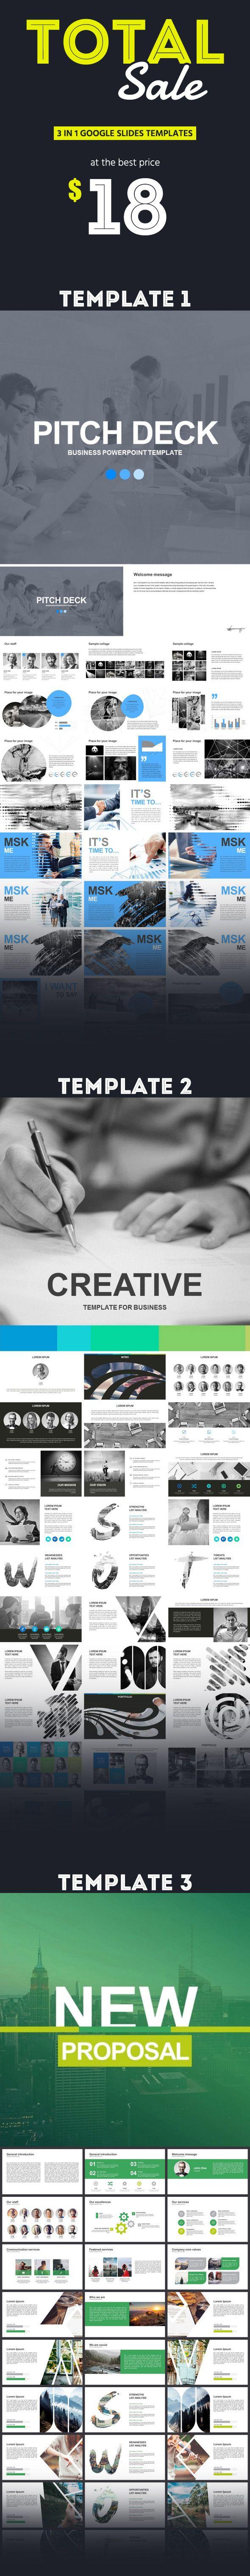 717 best Google Slide images on Pinterest | Keynote template ...